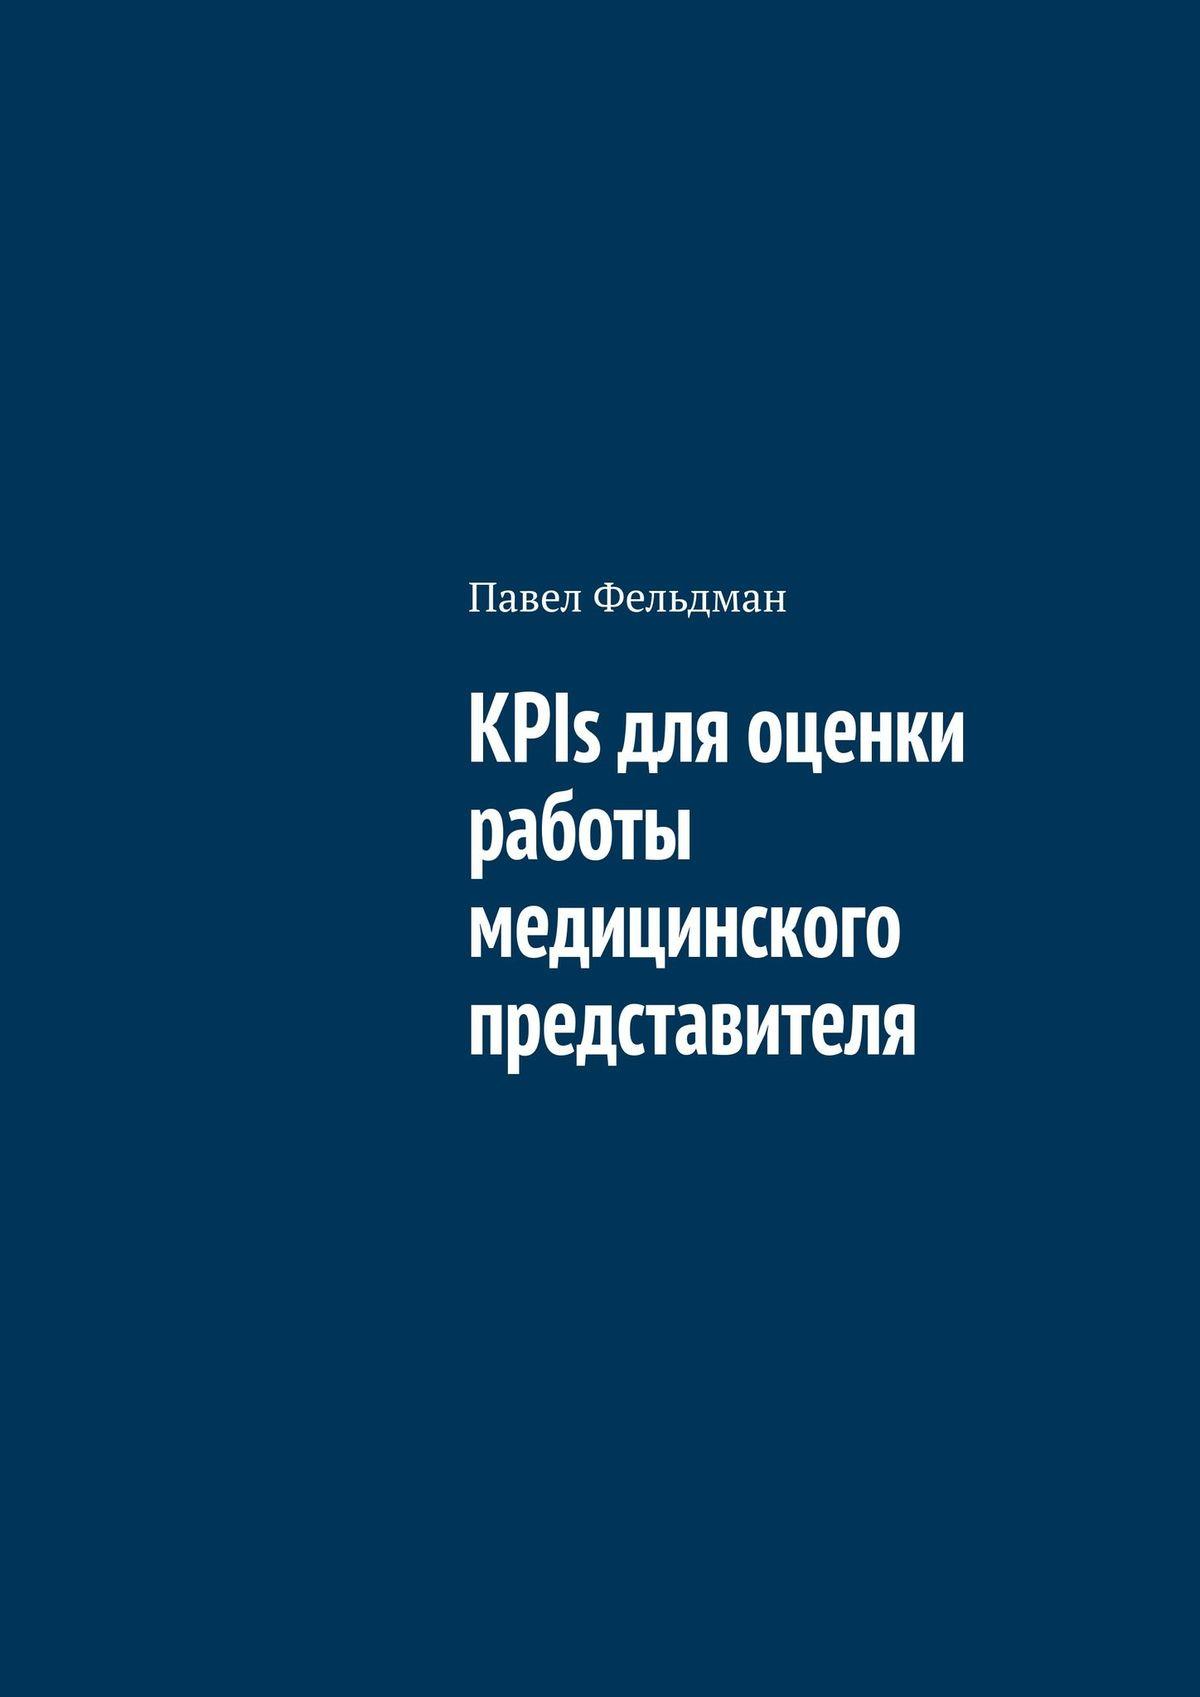 Обложка книги KPIs для оценки работы медицинского представителя